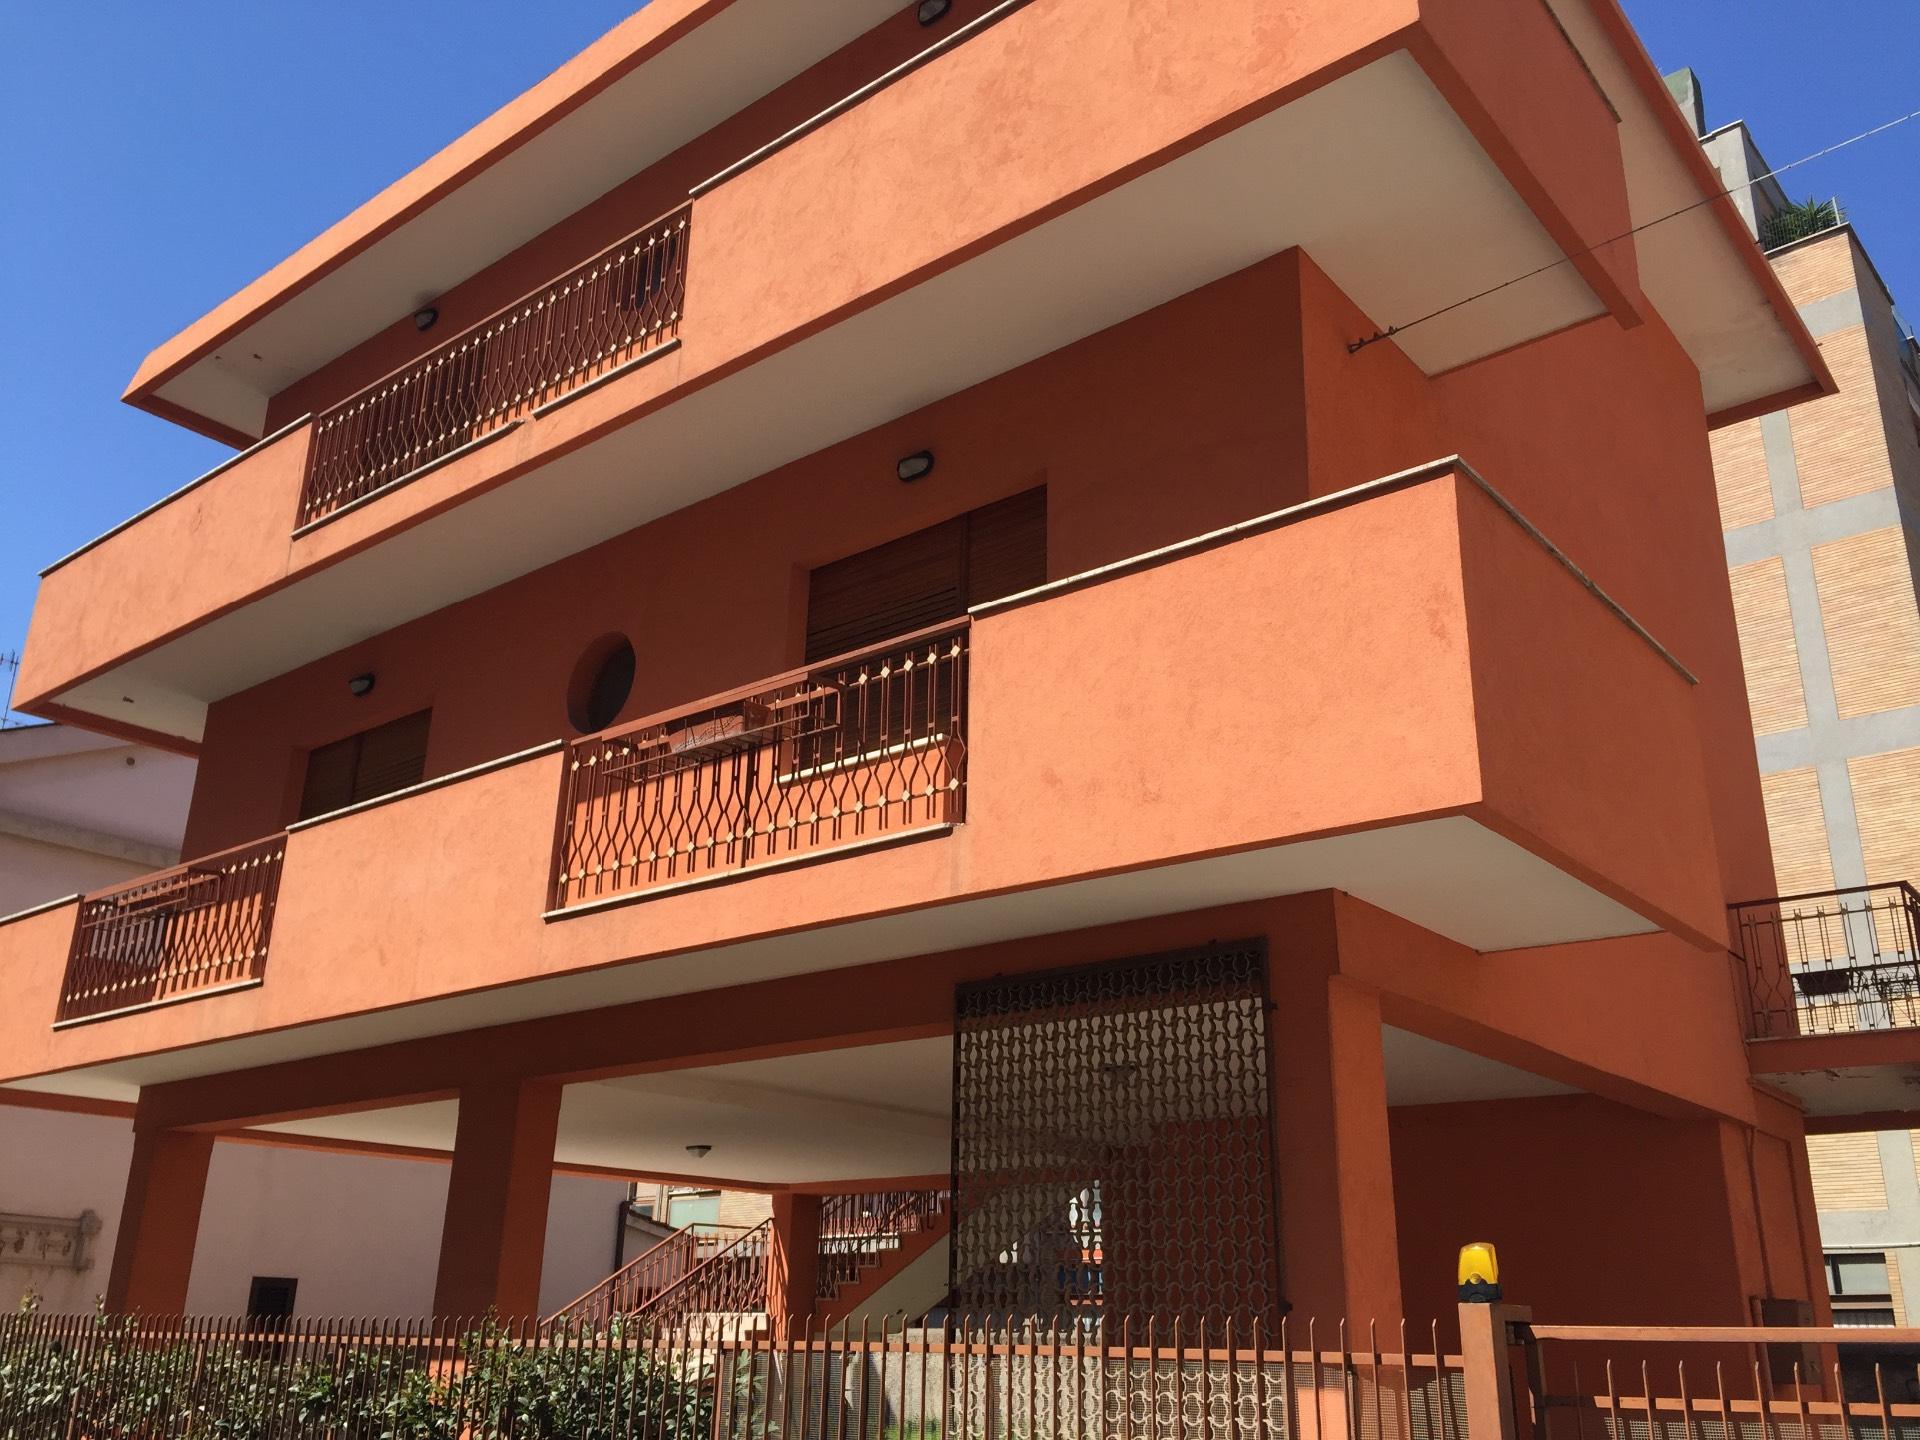 Soluzione Indipendente in vendita a Pescara, 8 locali, zona Zona: Centro, prezzo € 530.000 | Cambio Casa.it